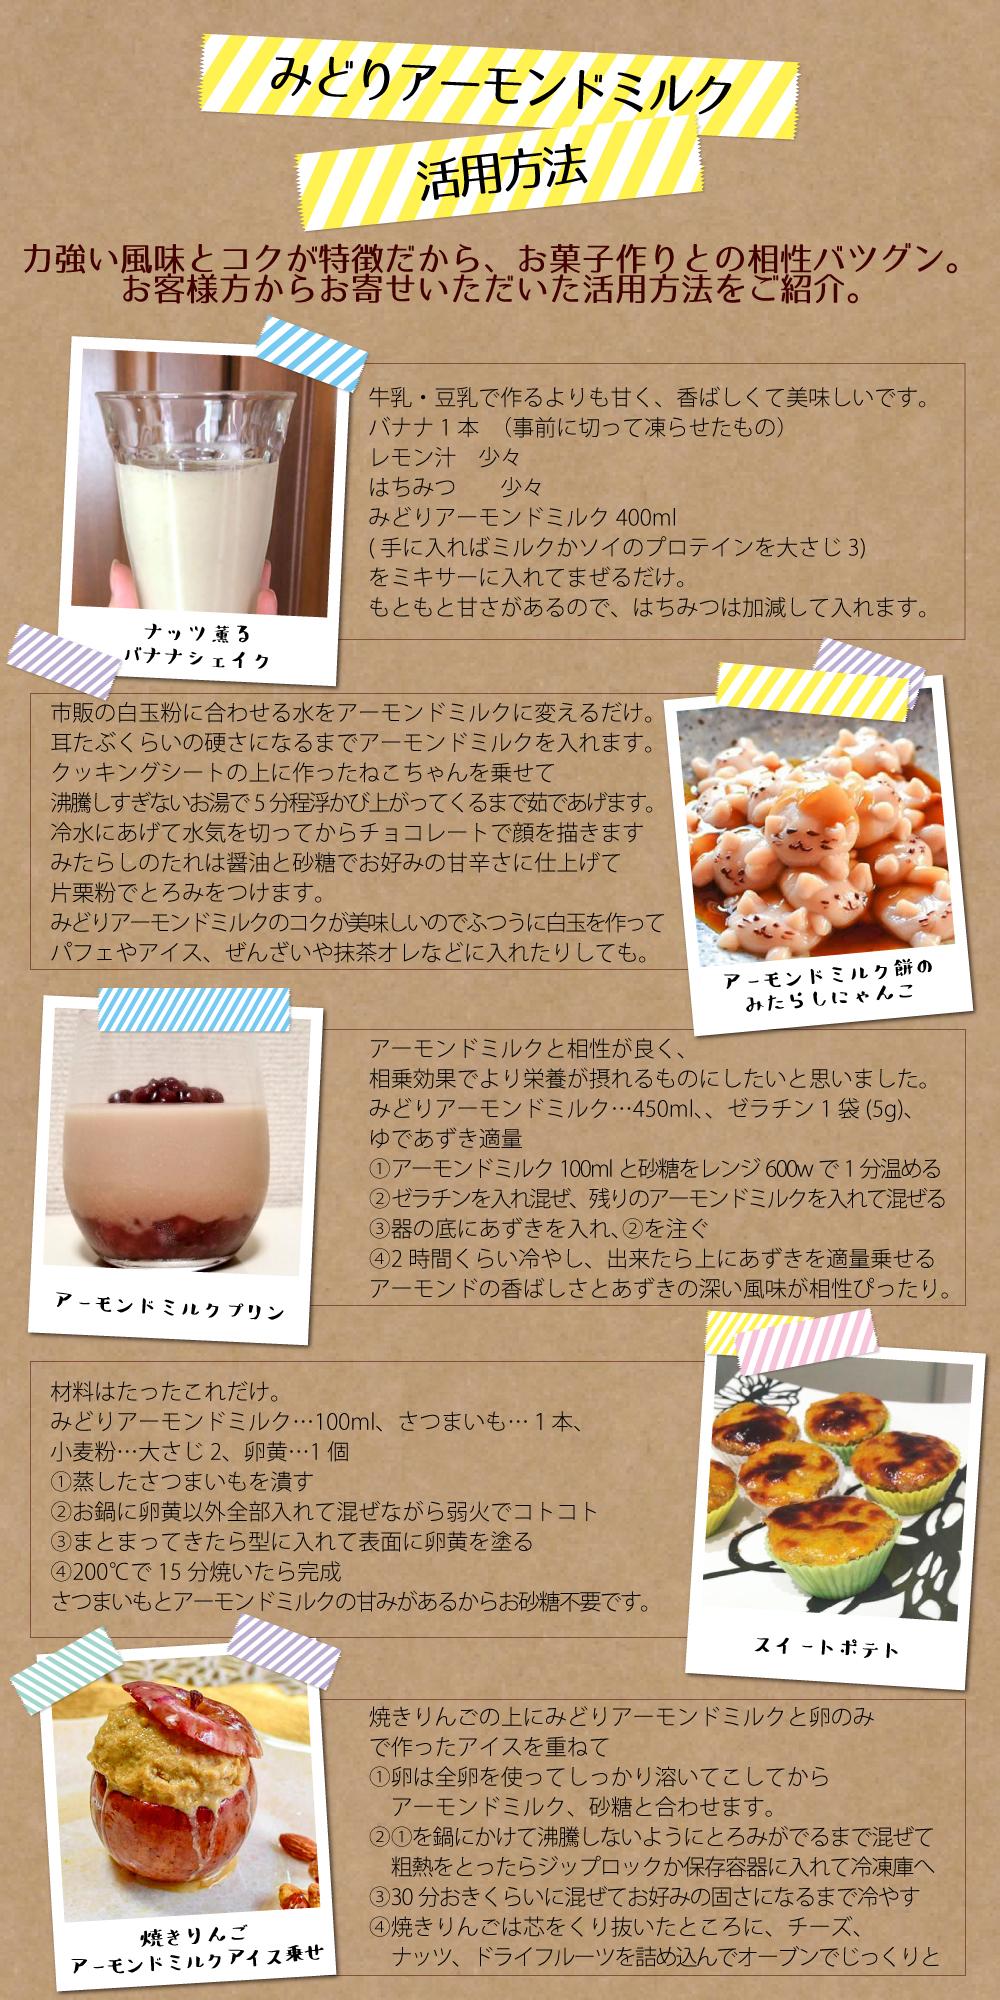 アーモンドミルク活用方法